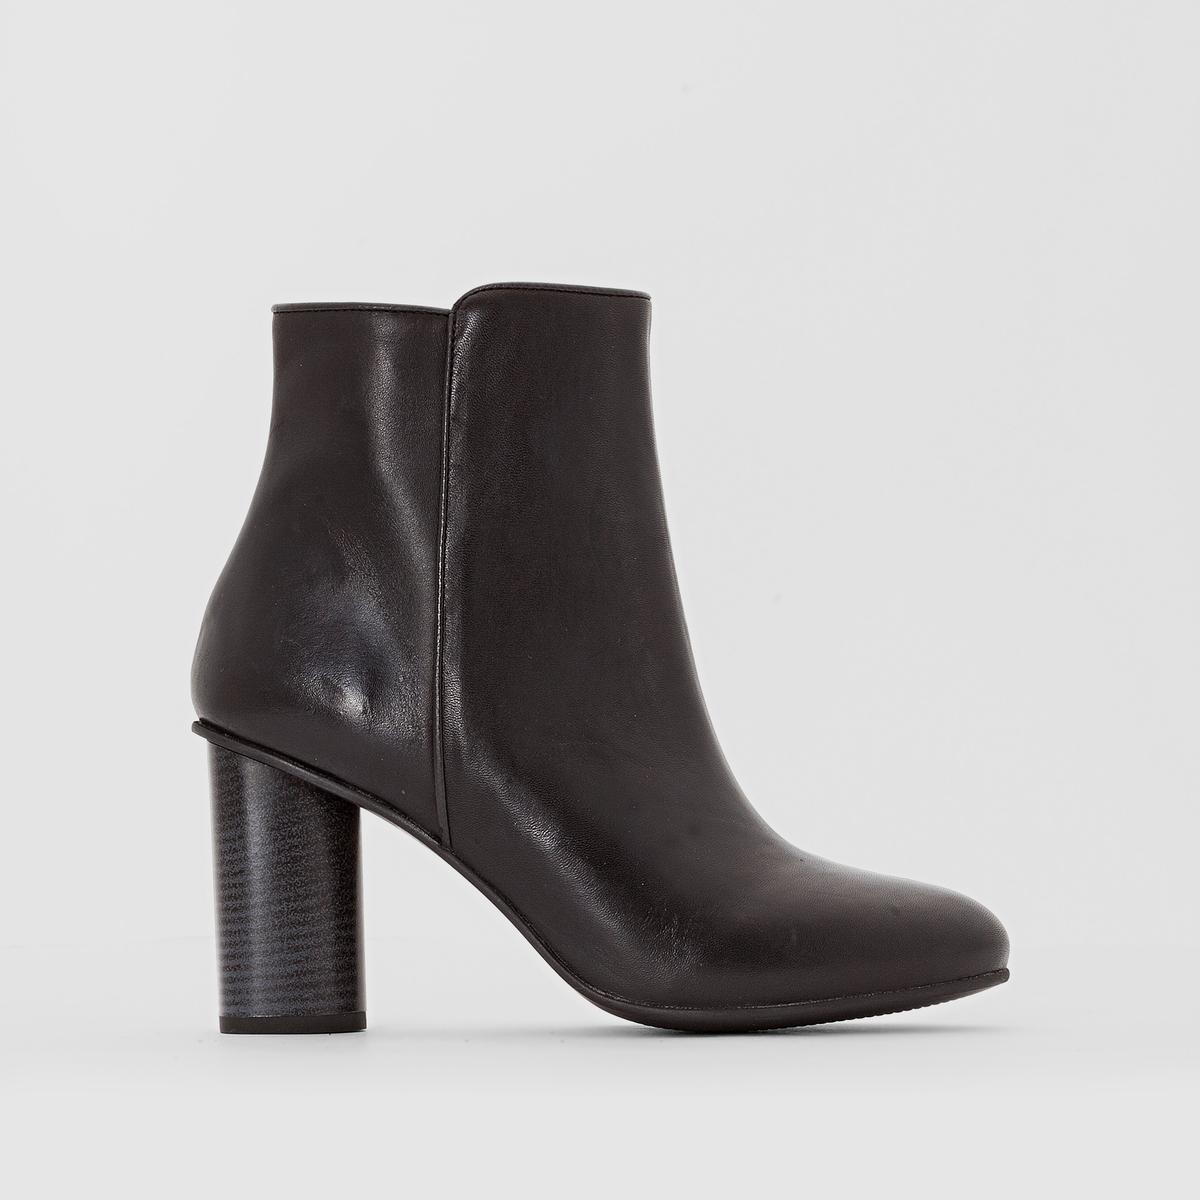 Ботильоны кожаные на высоком каблукеВерх/Голенище: кожа                 Подкладка: кожа         Стелька: кожа         Подошва: эластомер         Высота каблука: 7,5 см                 Форма каблука: широкий         Мысок : закругленный         Застежка : на молнию Страна производства : Португалия<br><br>Цвет: черный<br>Размер: 41